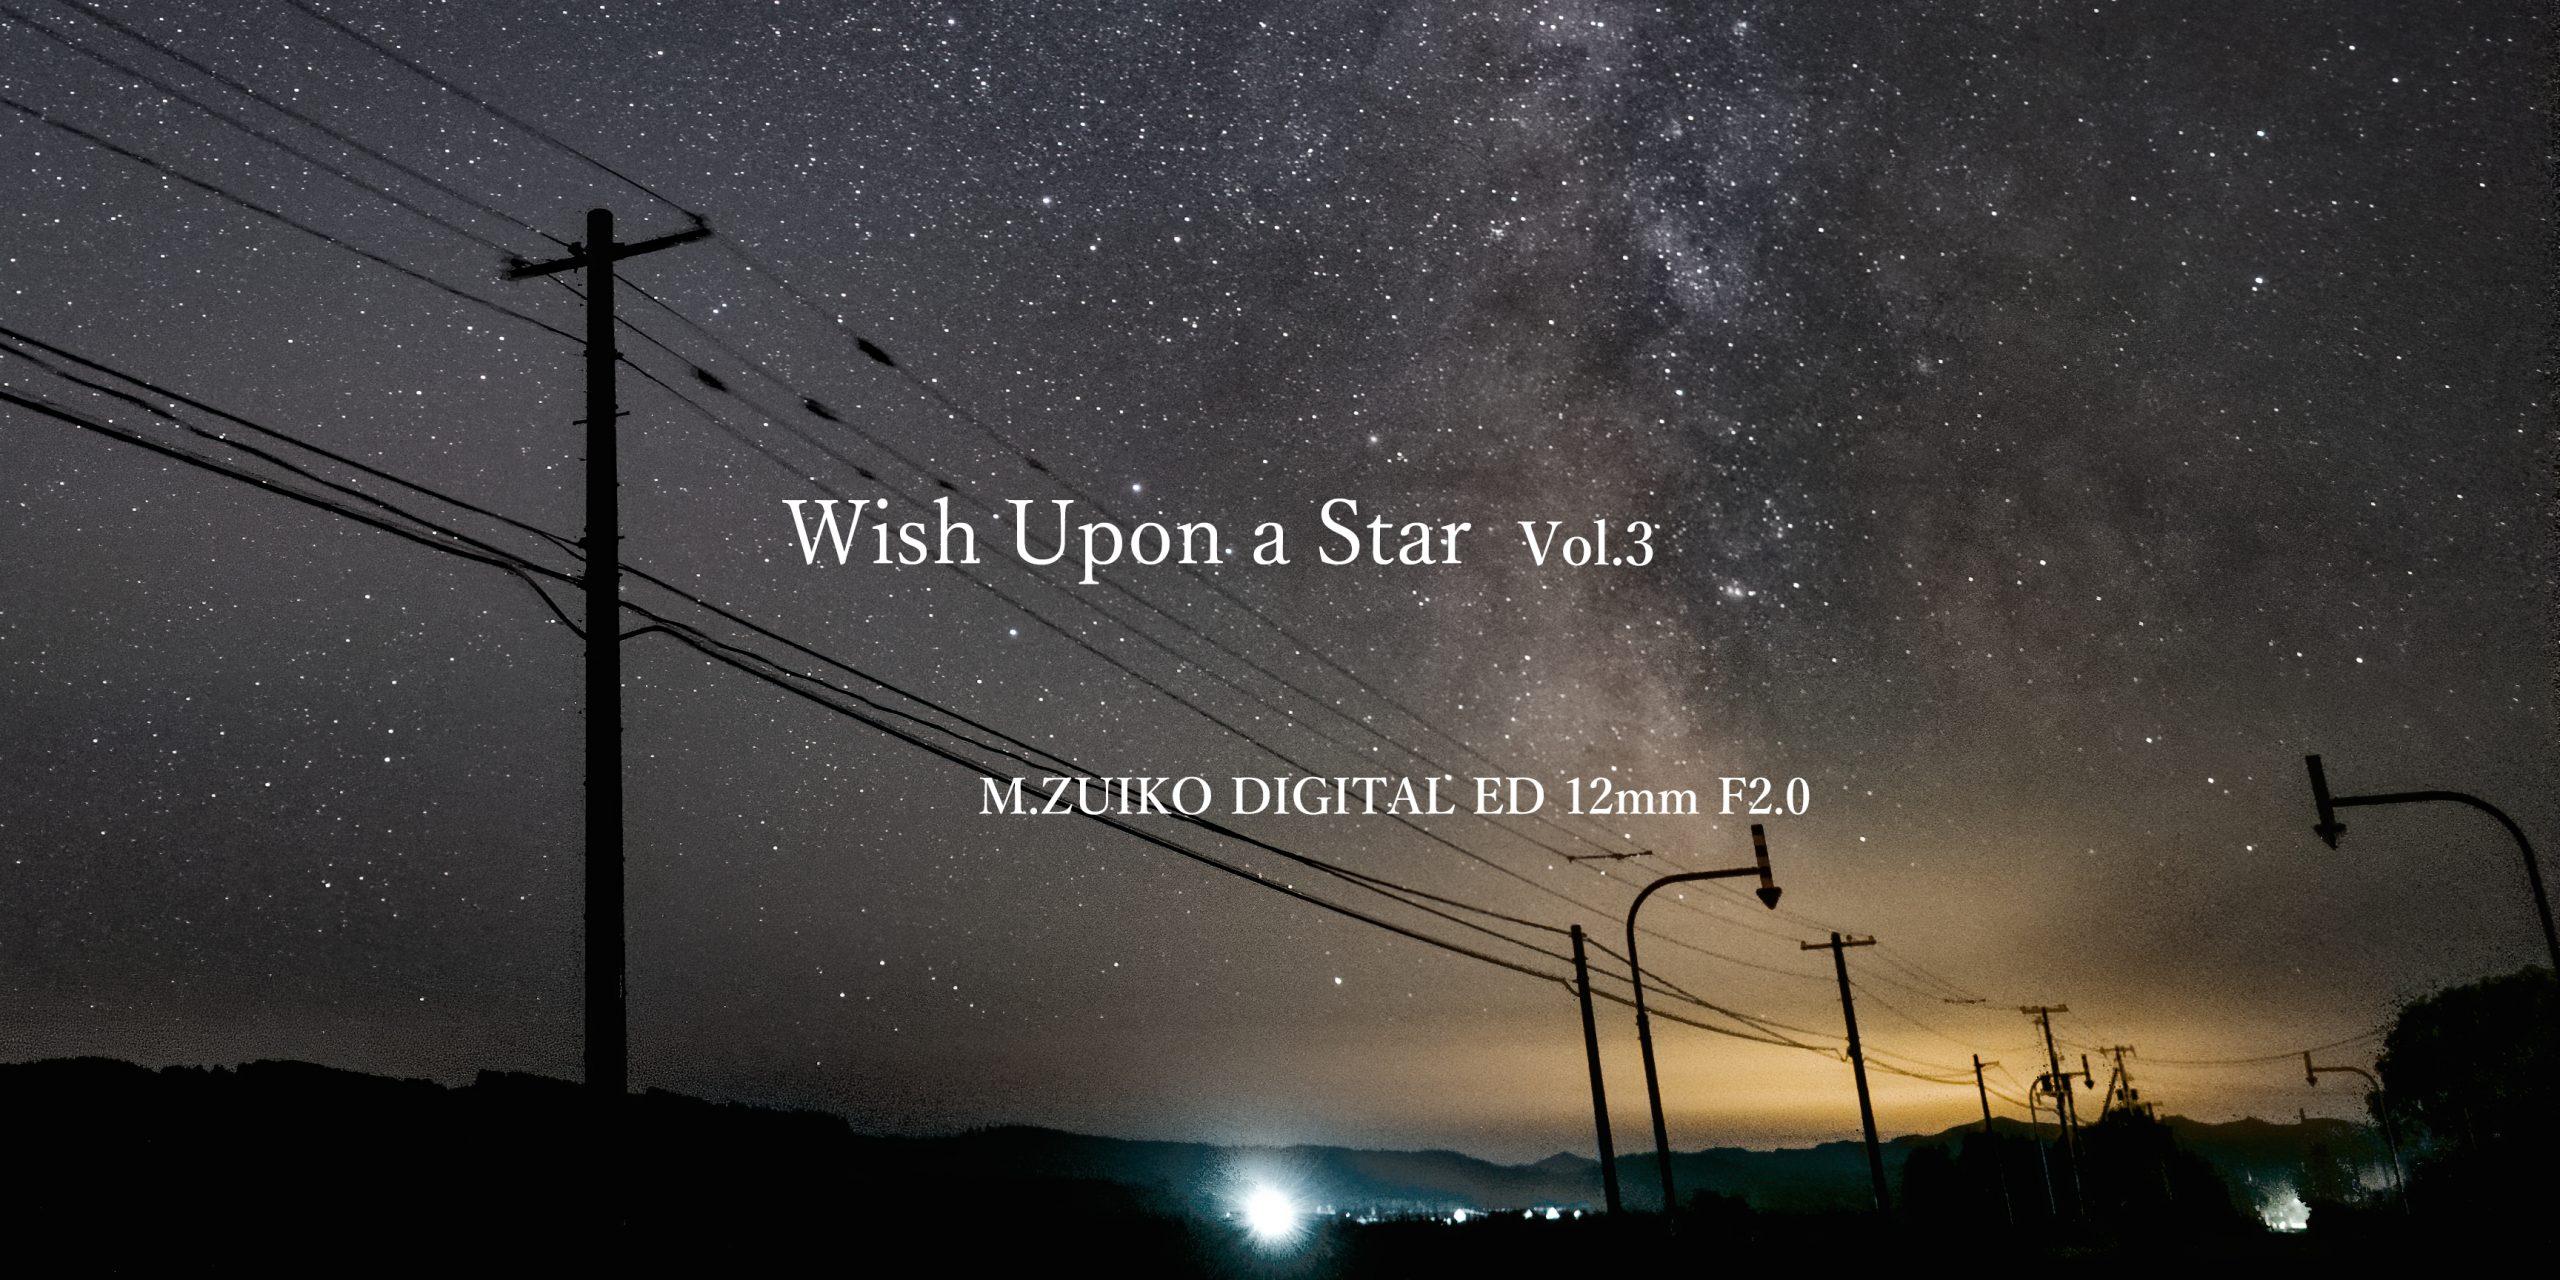 """【Wish Upon a Star】Vol.3 PREMIUMで撮影する星空 """"M.ZUIKO DIGITAL ED 12mm F2.0"""""""